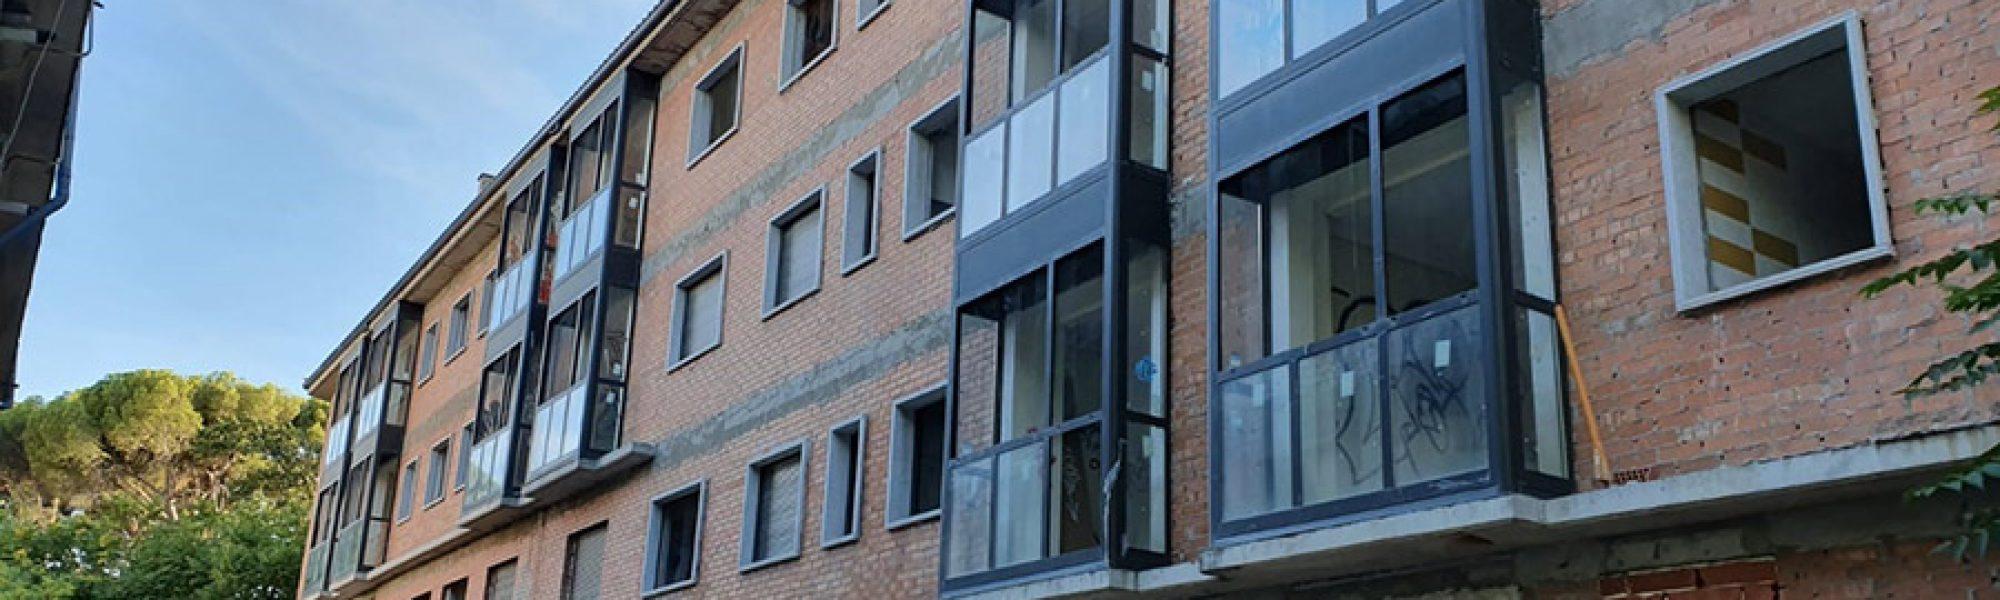 fachada-1